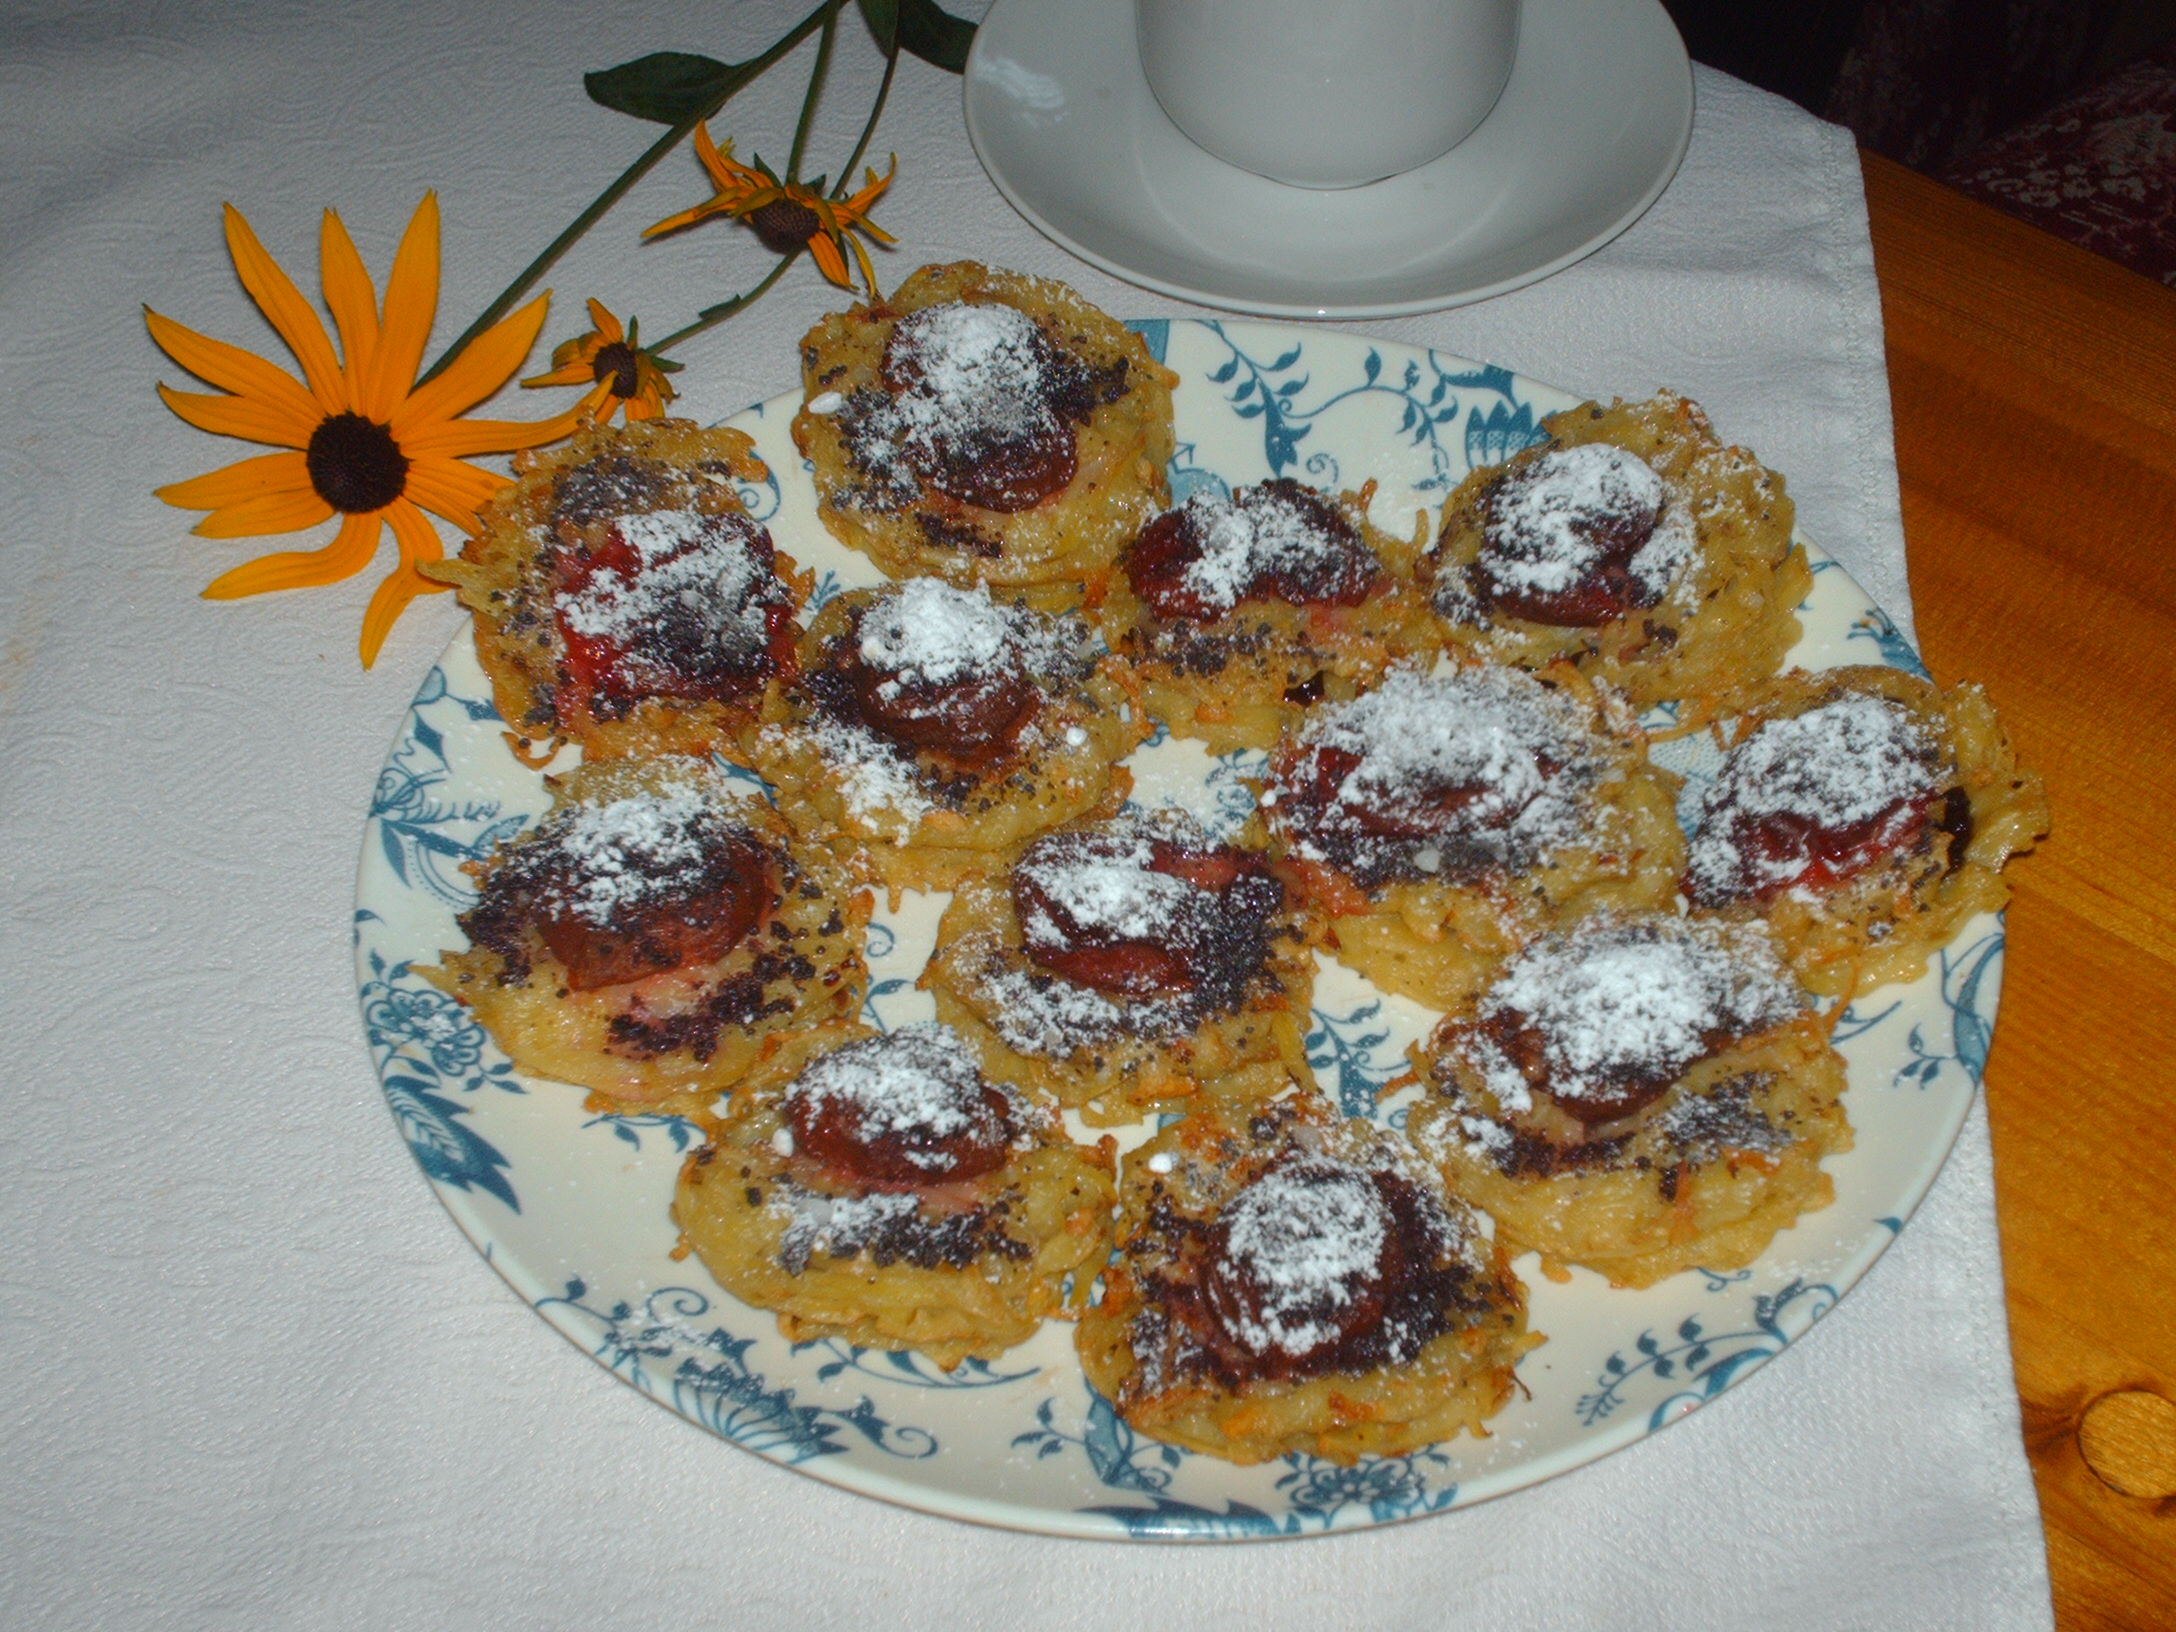 Sladké bramboráčky se švestkami